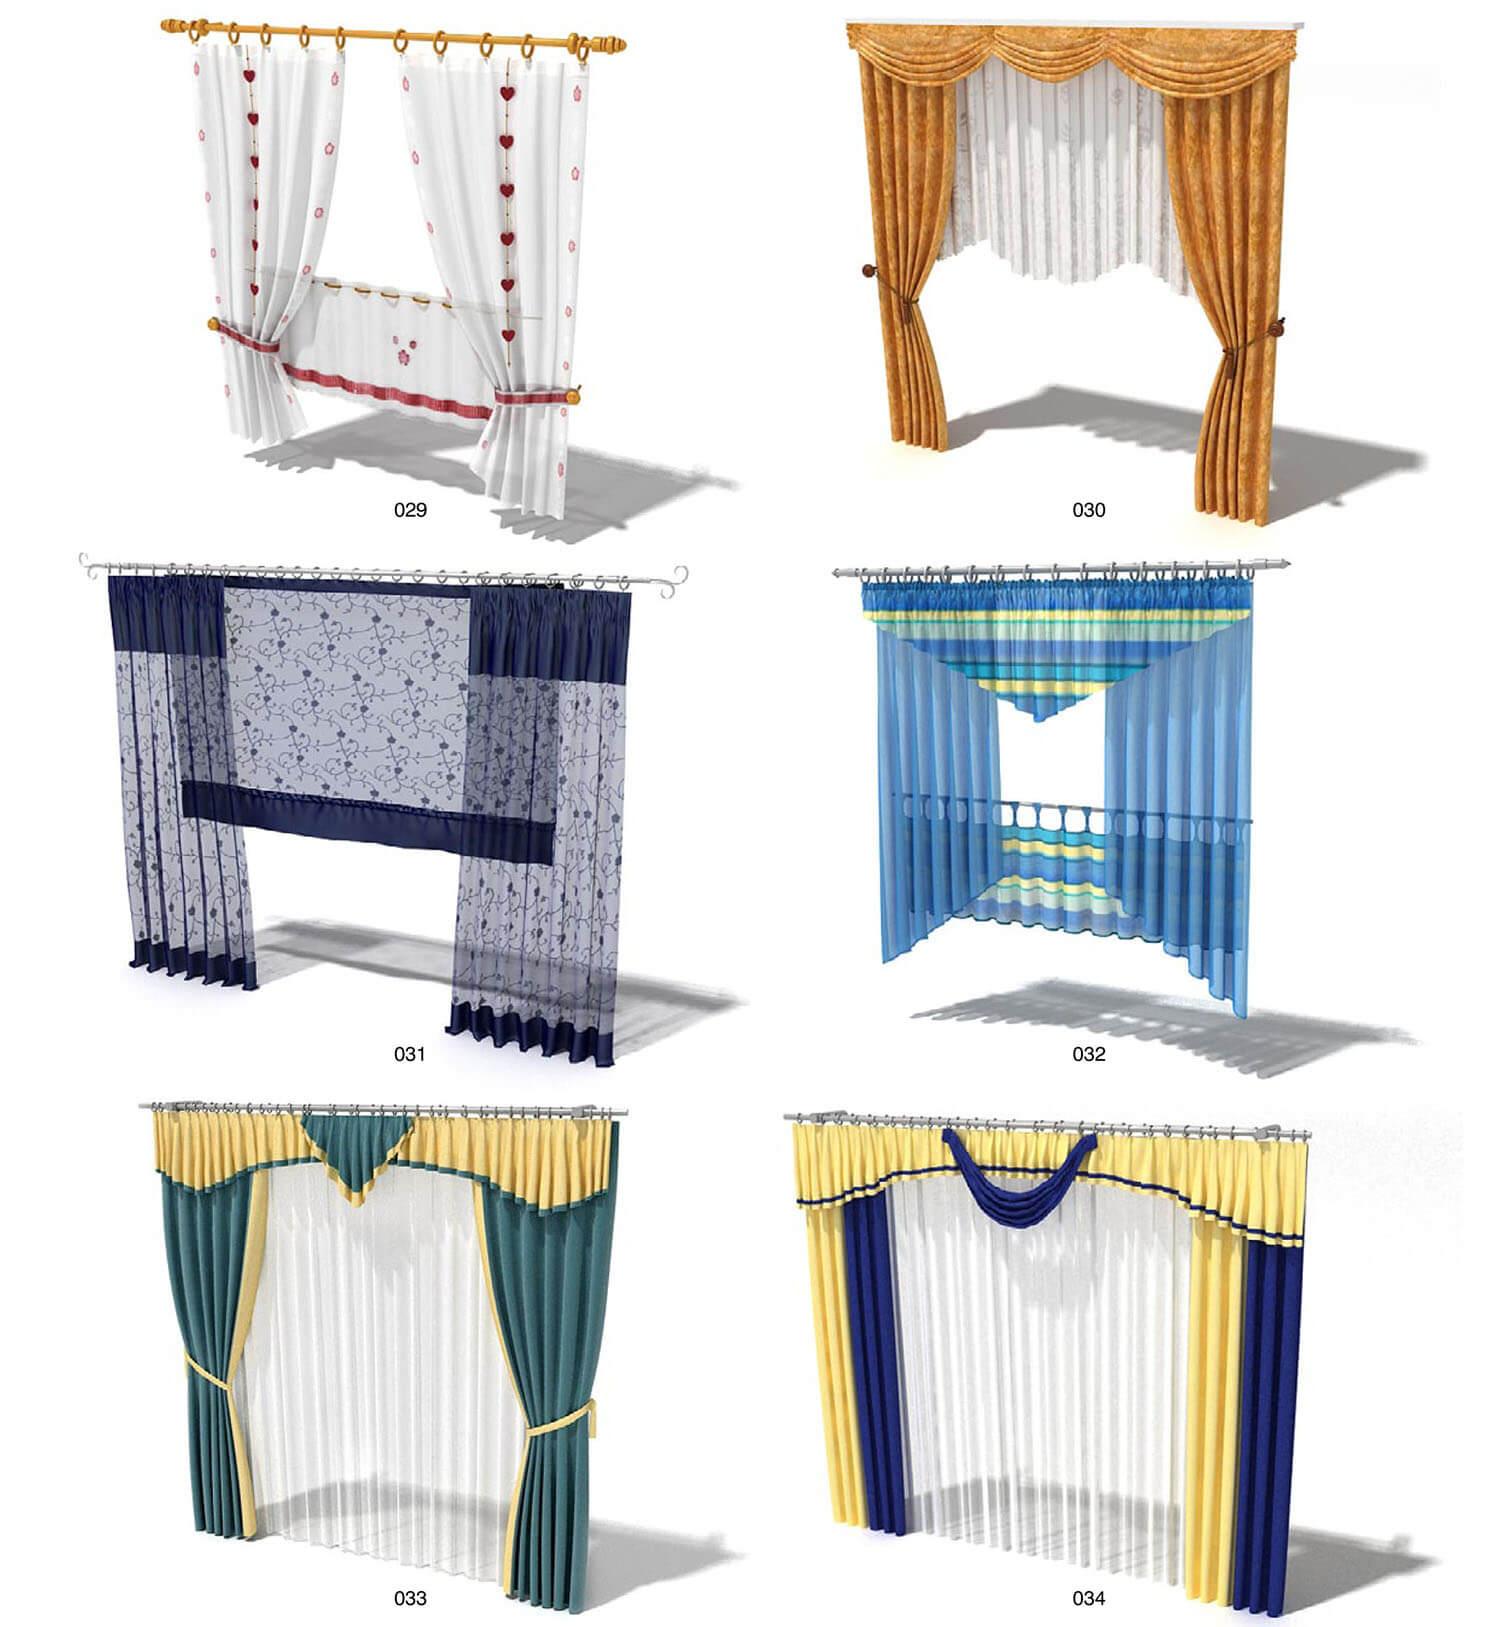 rèm nổi bật về hình thức và màu sắc, cho những chủ nhân điệu đà